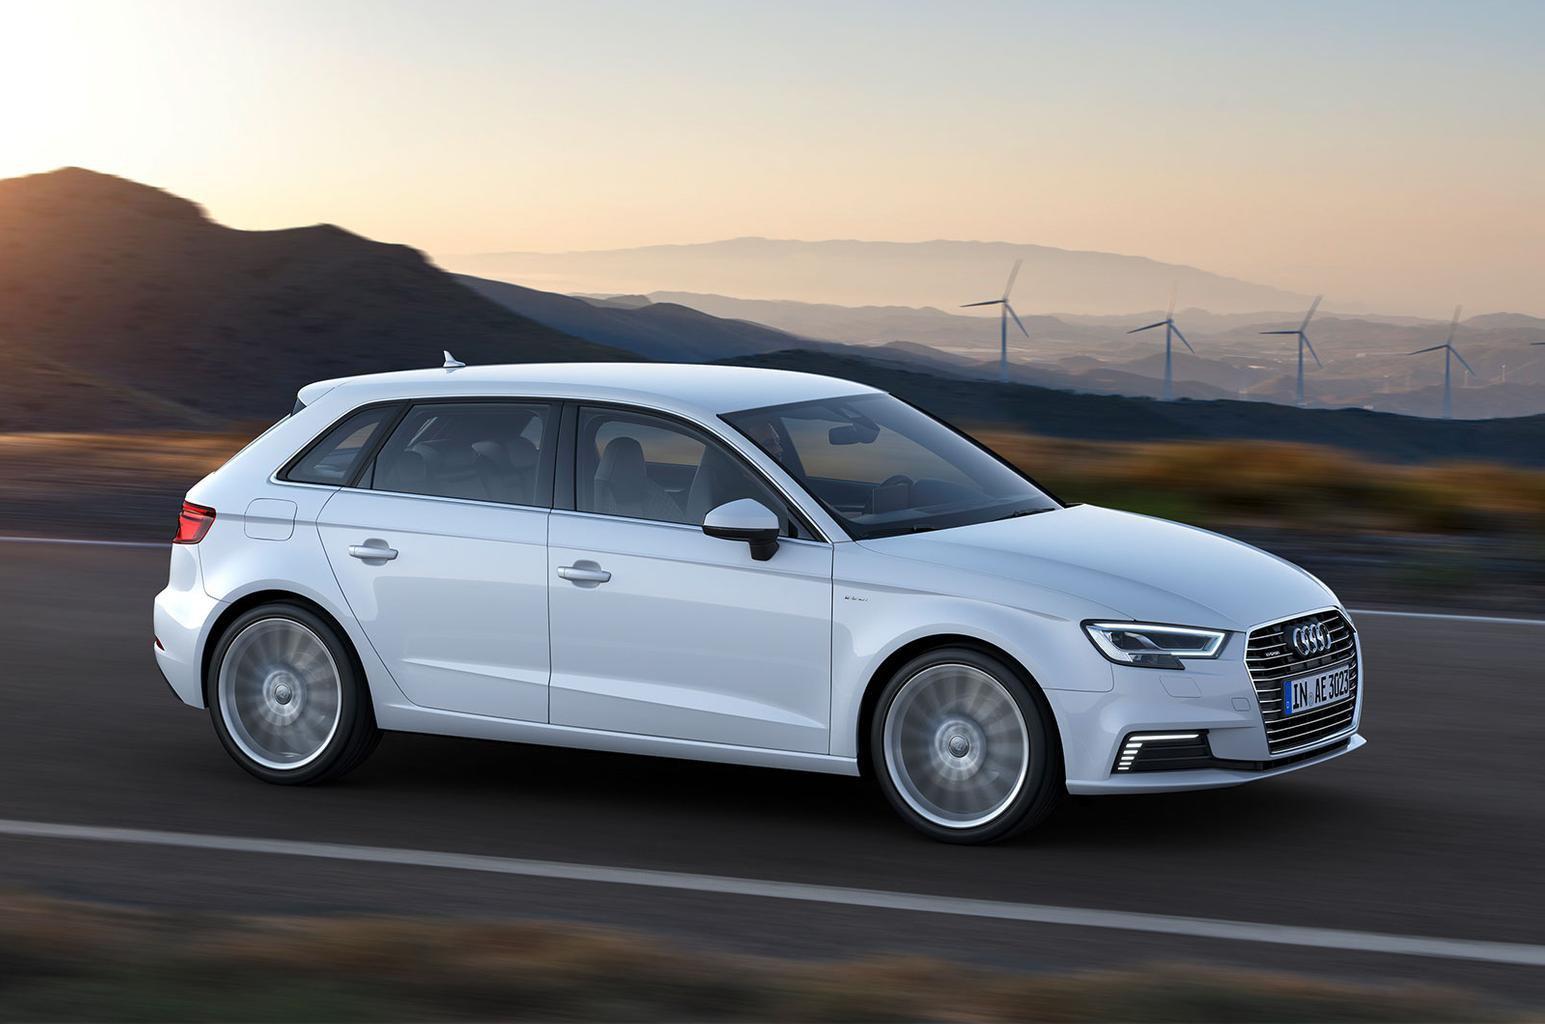 Audi A3 E-tron front